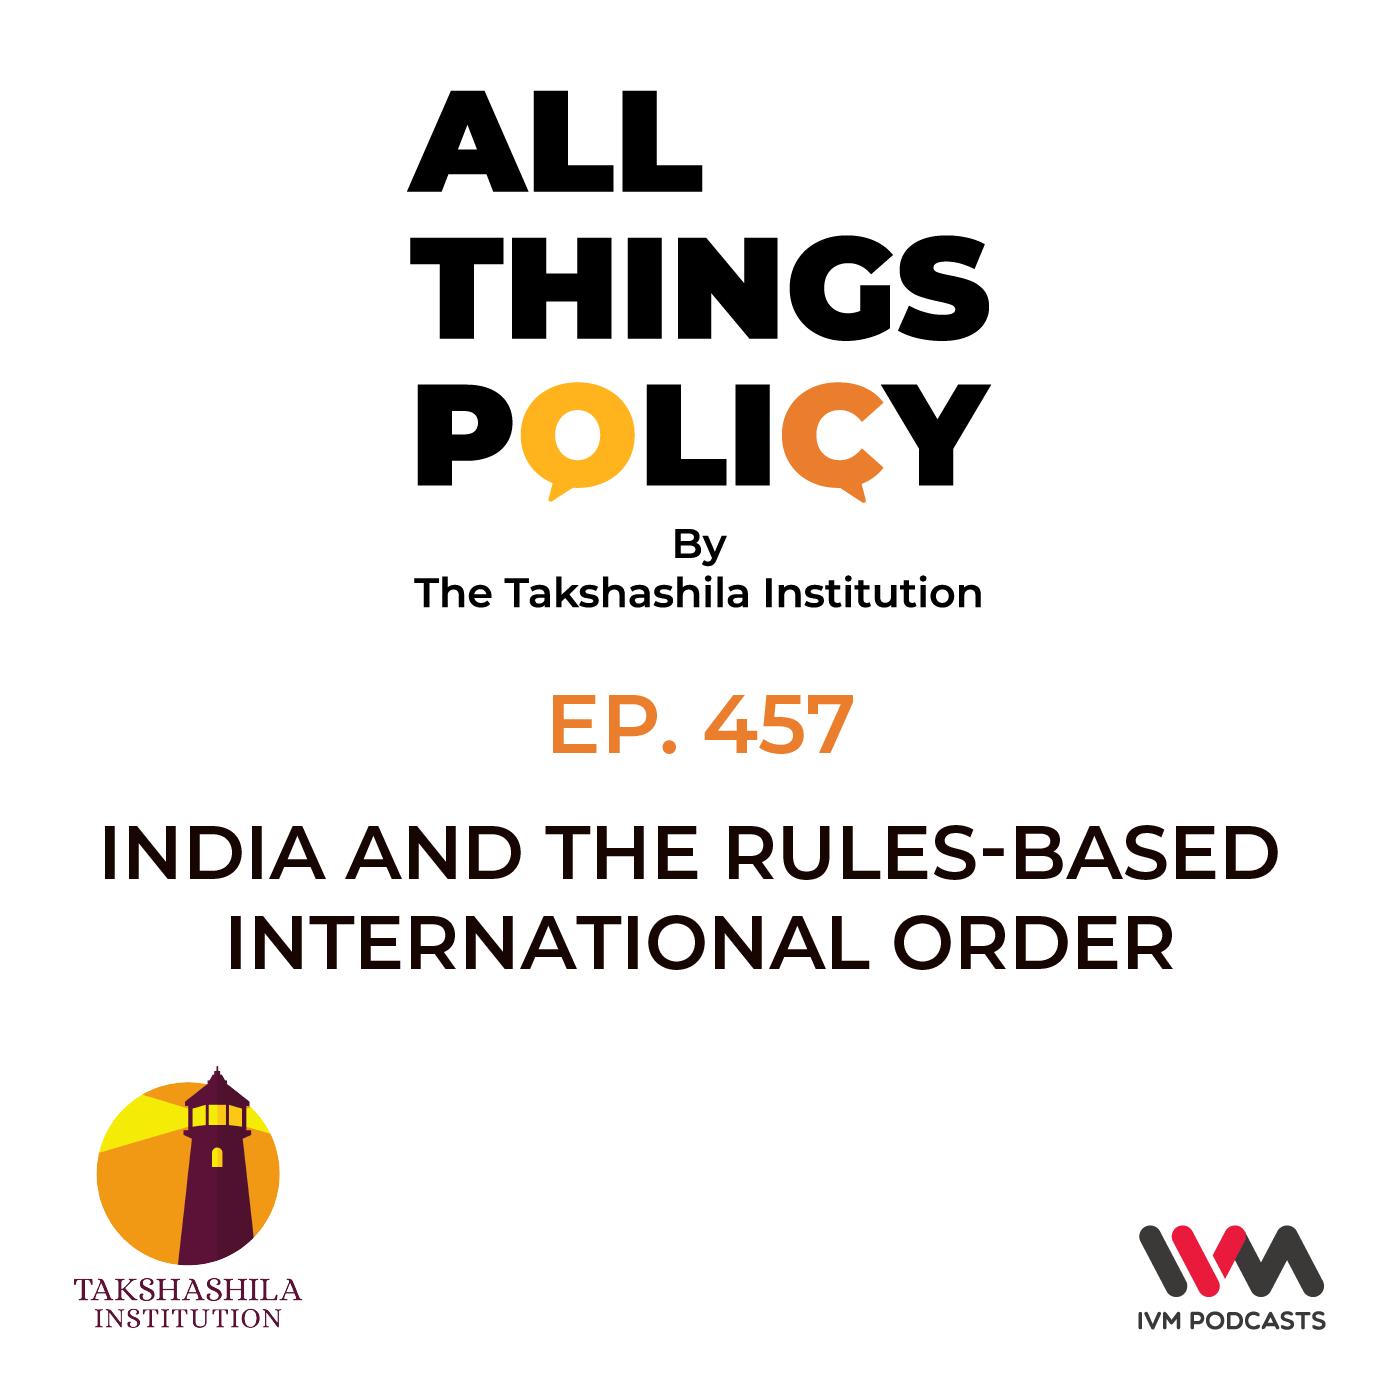 Ep. 457: India's Marathon: Ameya Naik on India and the Rules-Based International Order